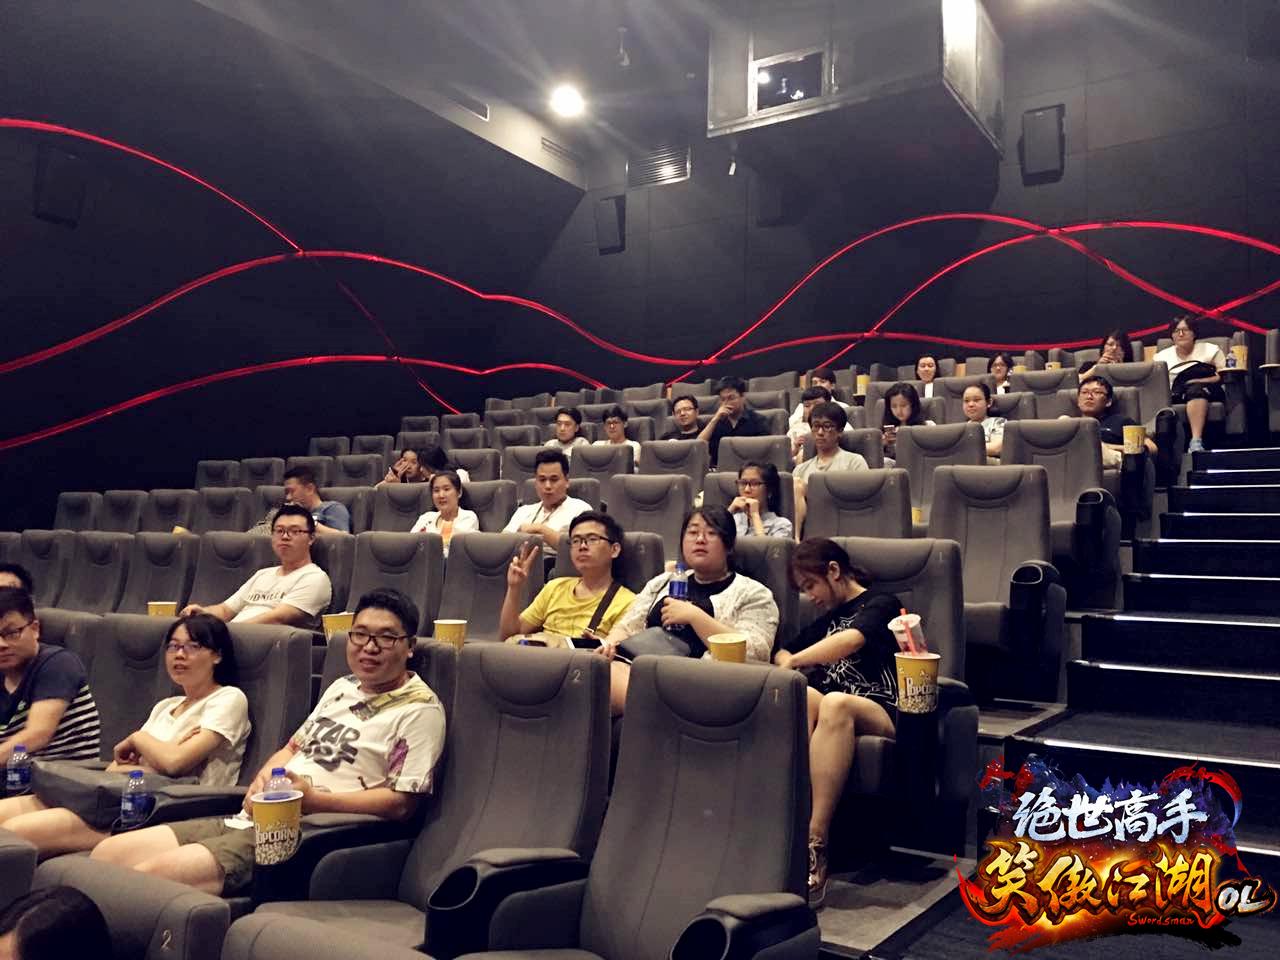 《笑傲江湖OL》豪请玩家观看电影《绝世高手